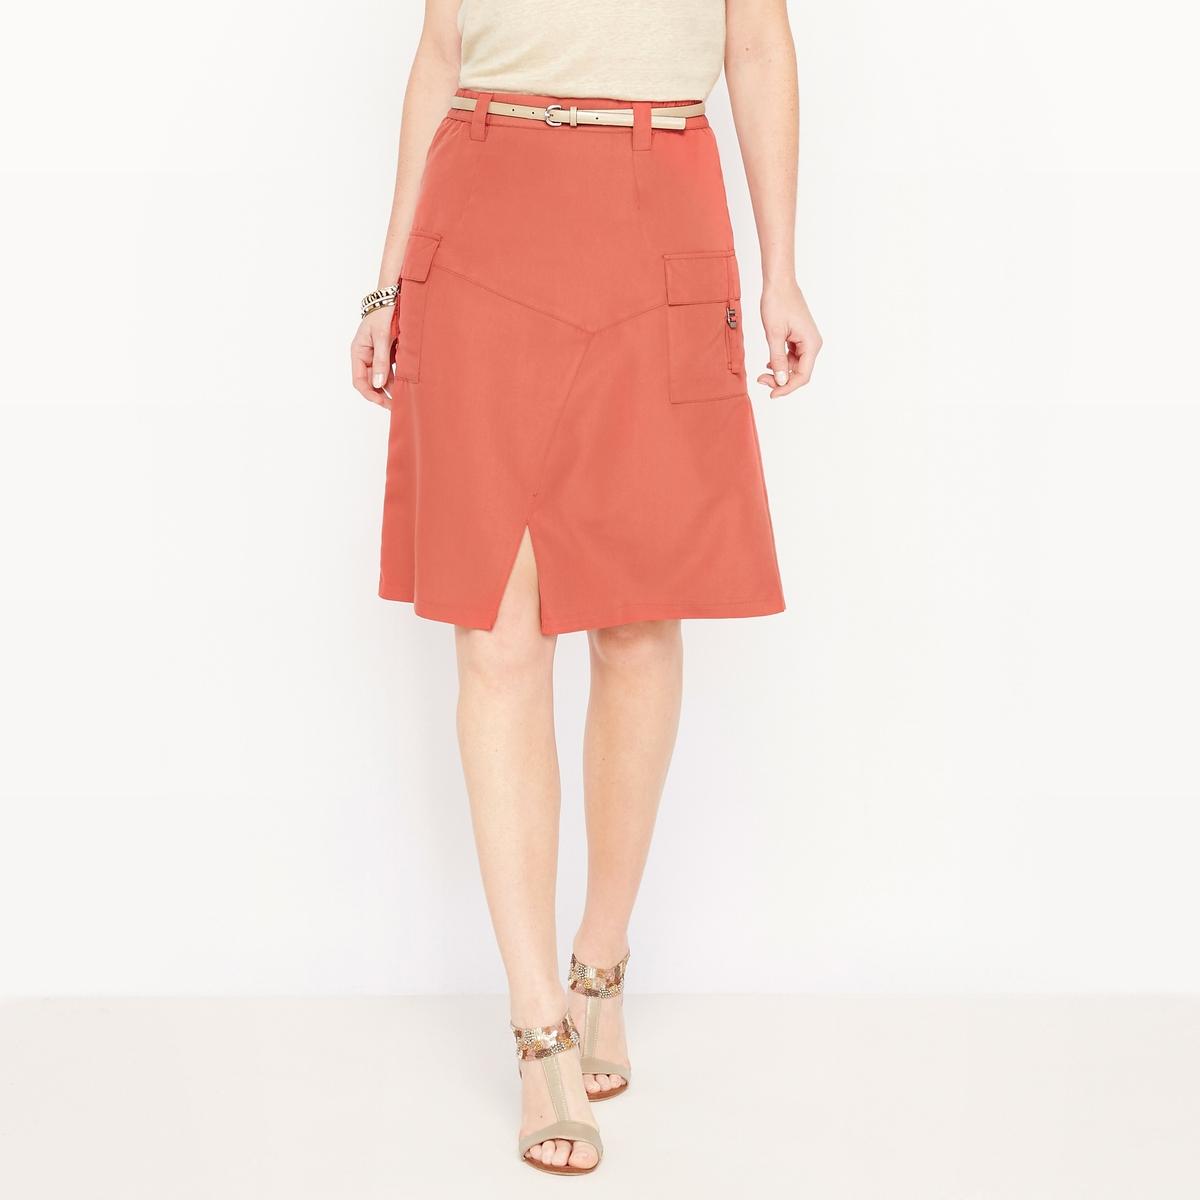 Юбка из бархатистой микрофибрыКомфортная и элегантная юбка из мягкой бархатистой микрофибры. Нежный материал и безупречный фасон. Элегантность, комфорт и лёгкость в уходе делают эту юбку такой привлекательной.<br><br>Цвет: кирпичный,черный<br>Размер: 38 (FR) - 44 (RUS).40 (FR) - 46 (RUS)